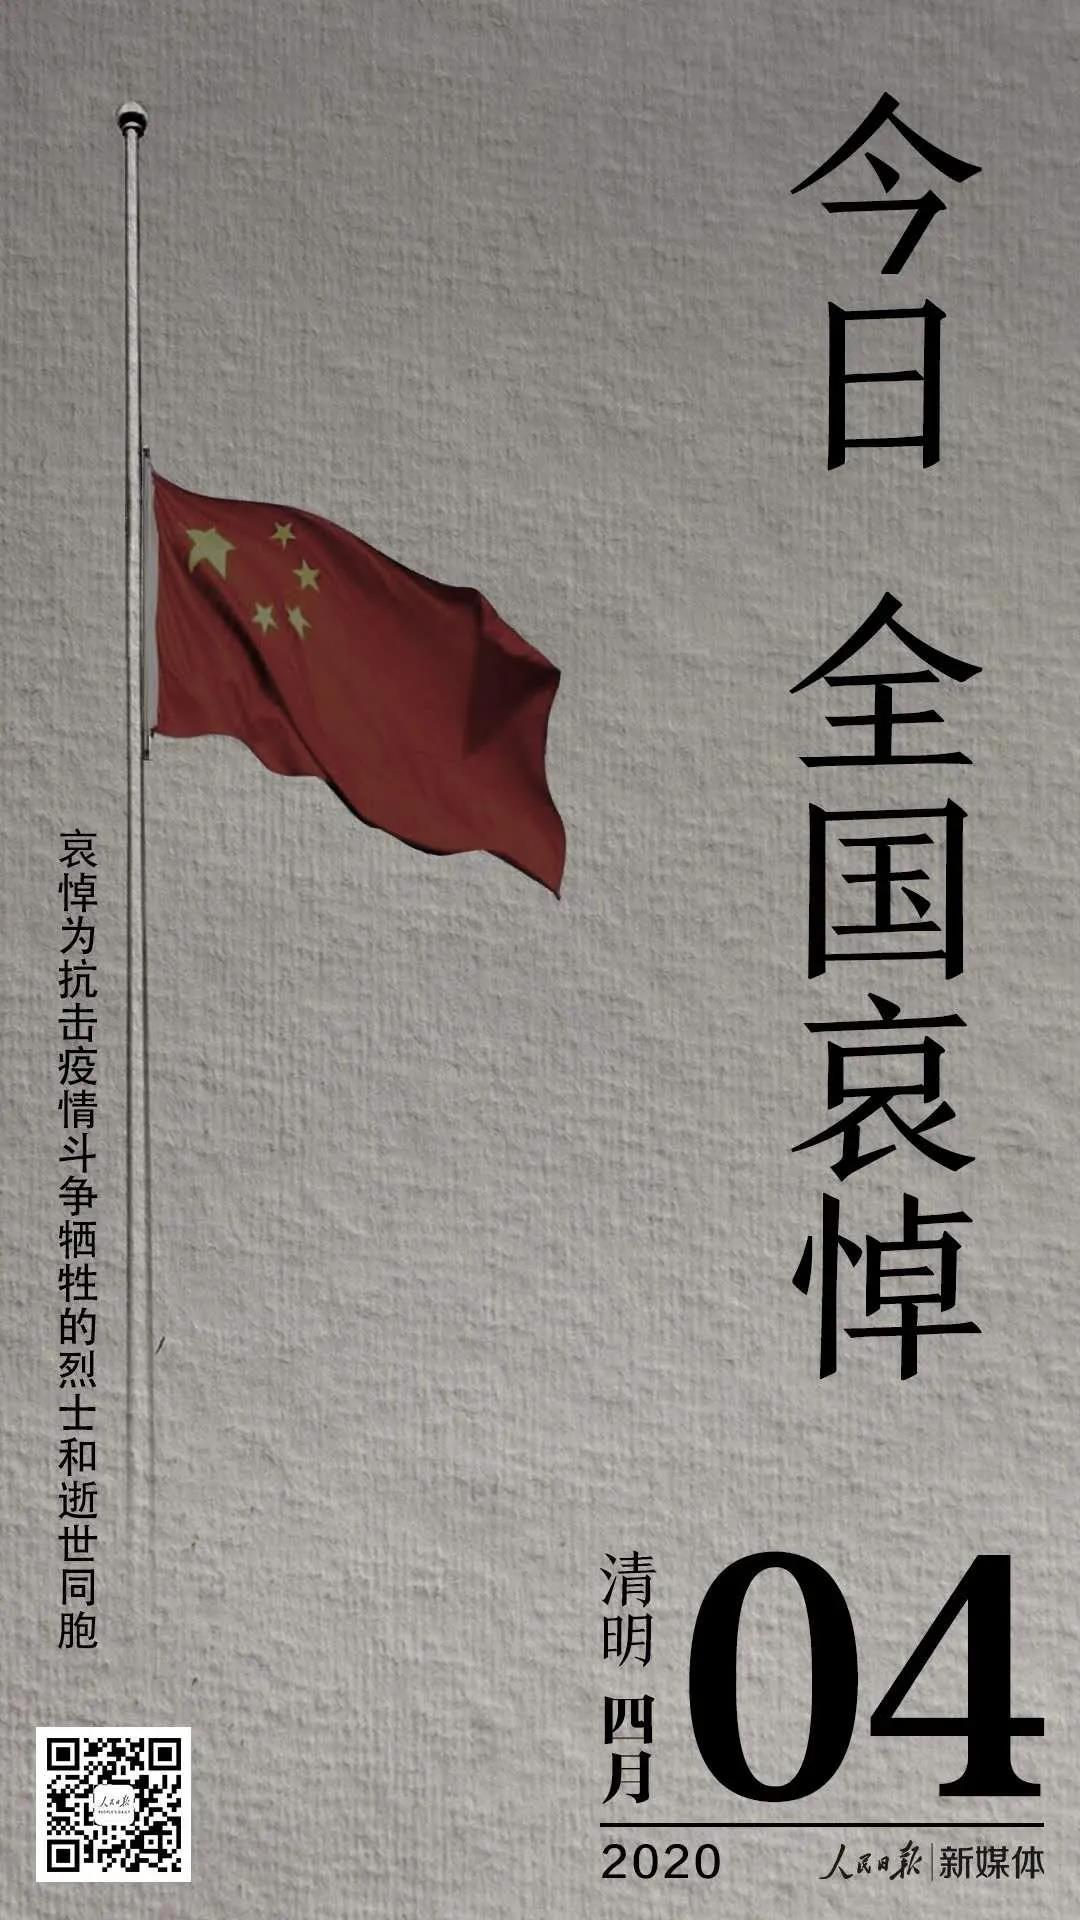 北京kok平台新用户送彩金企业kok登录清明寄哀思悼英雄